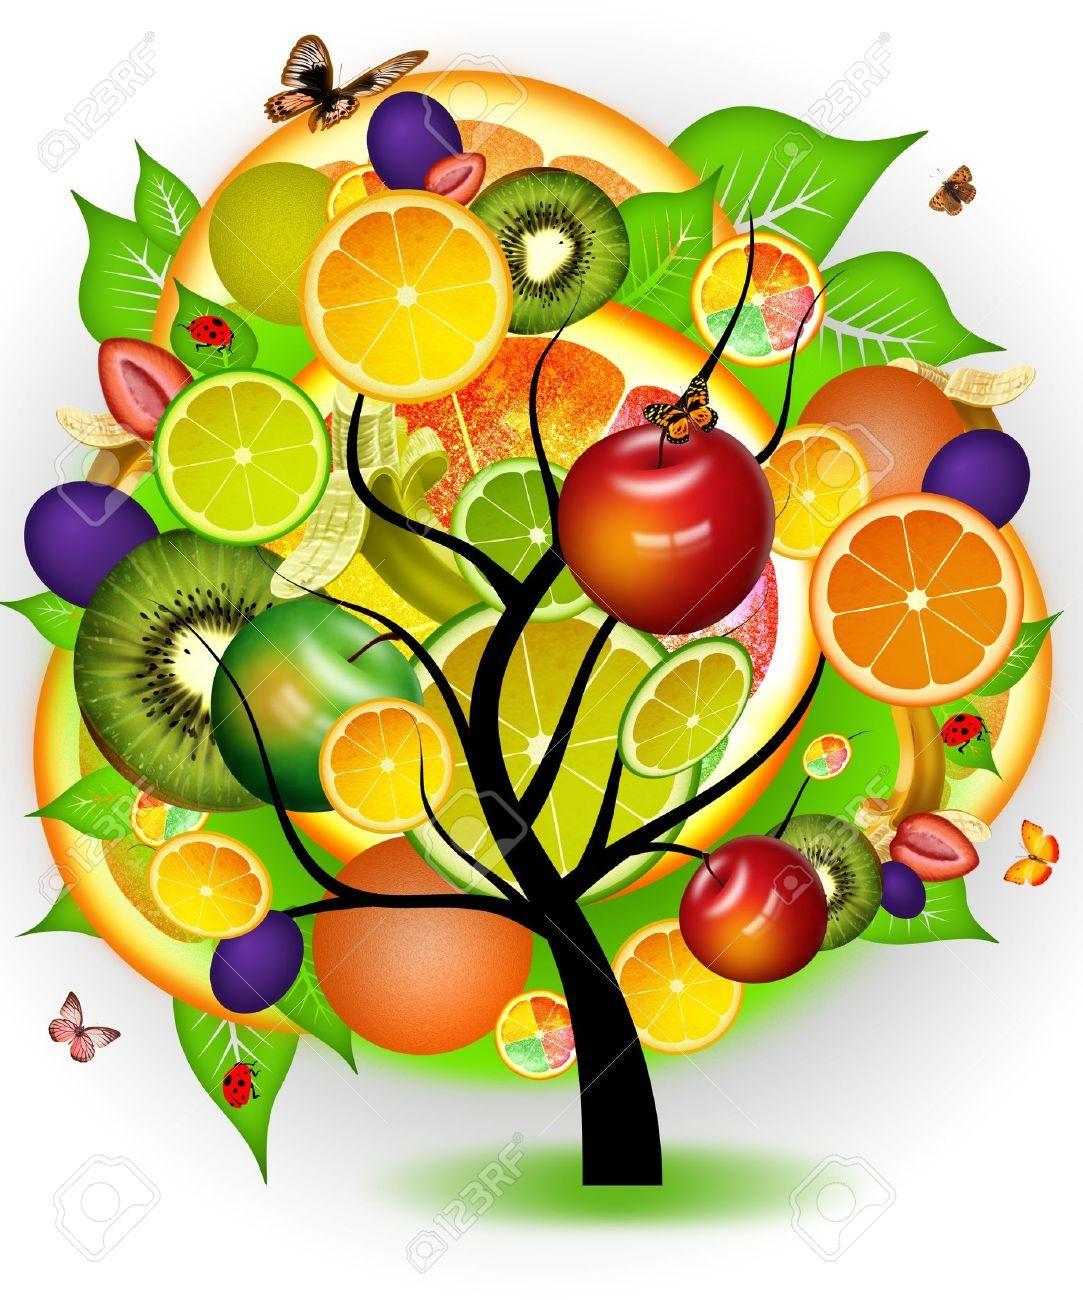 Arboles Con Frutas Dibujos Buscar Con Google Arbol De Frutas Frutas Fruta